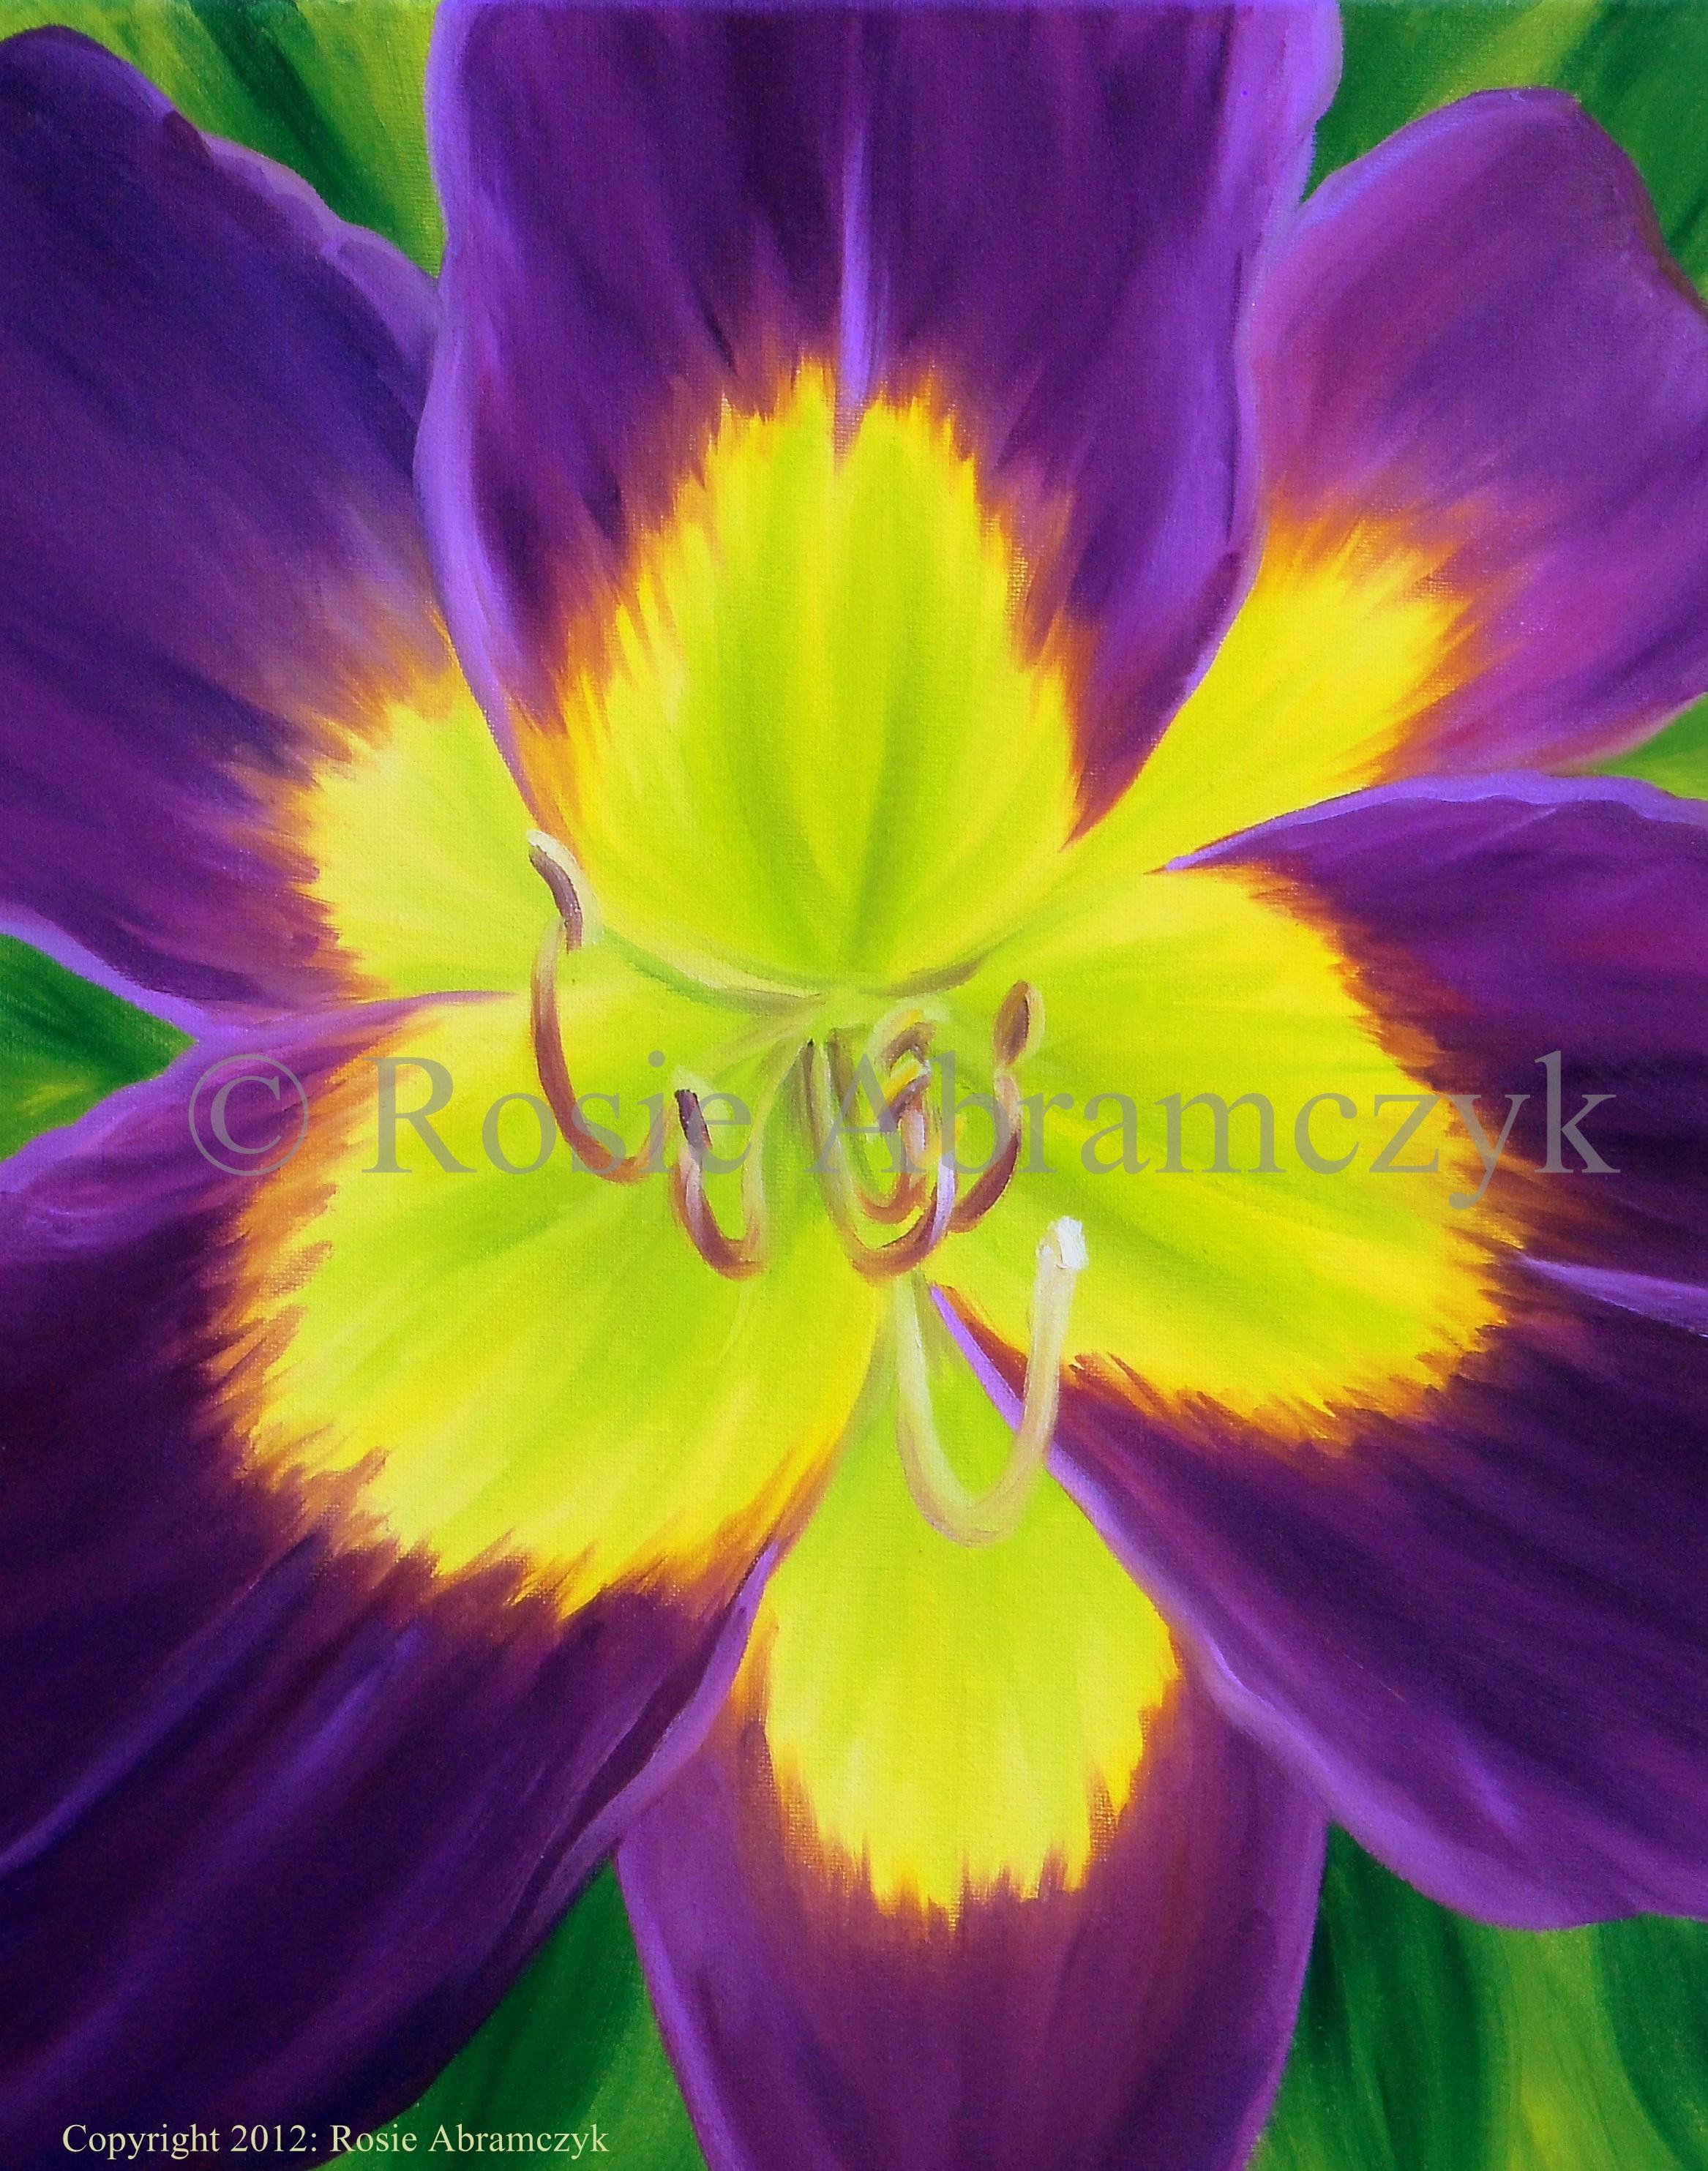 Purple Daylily, Rosie Abramczyk, Oil, 2012